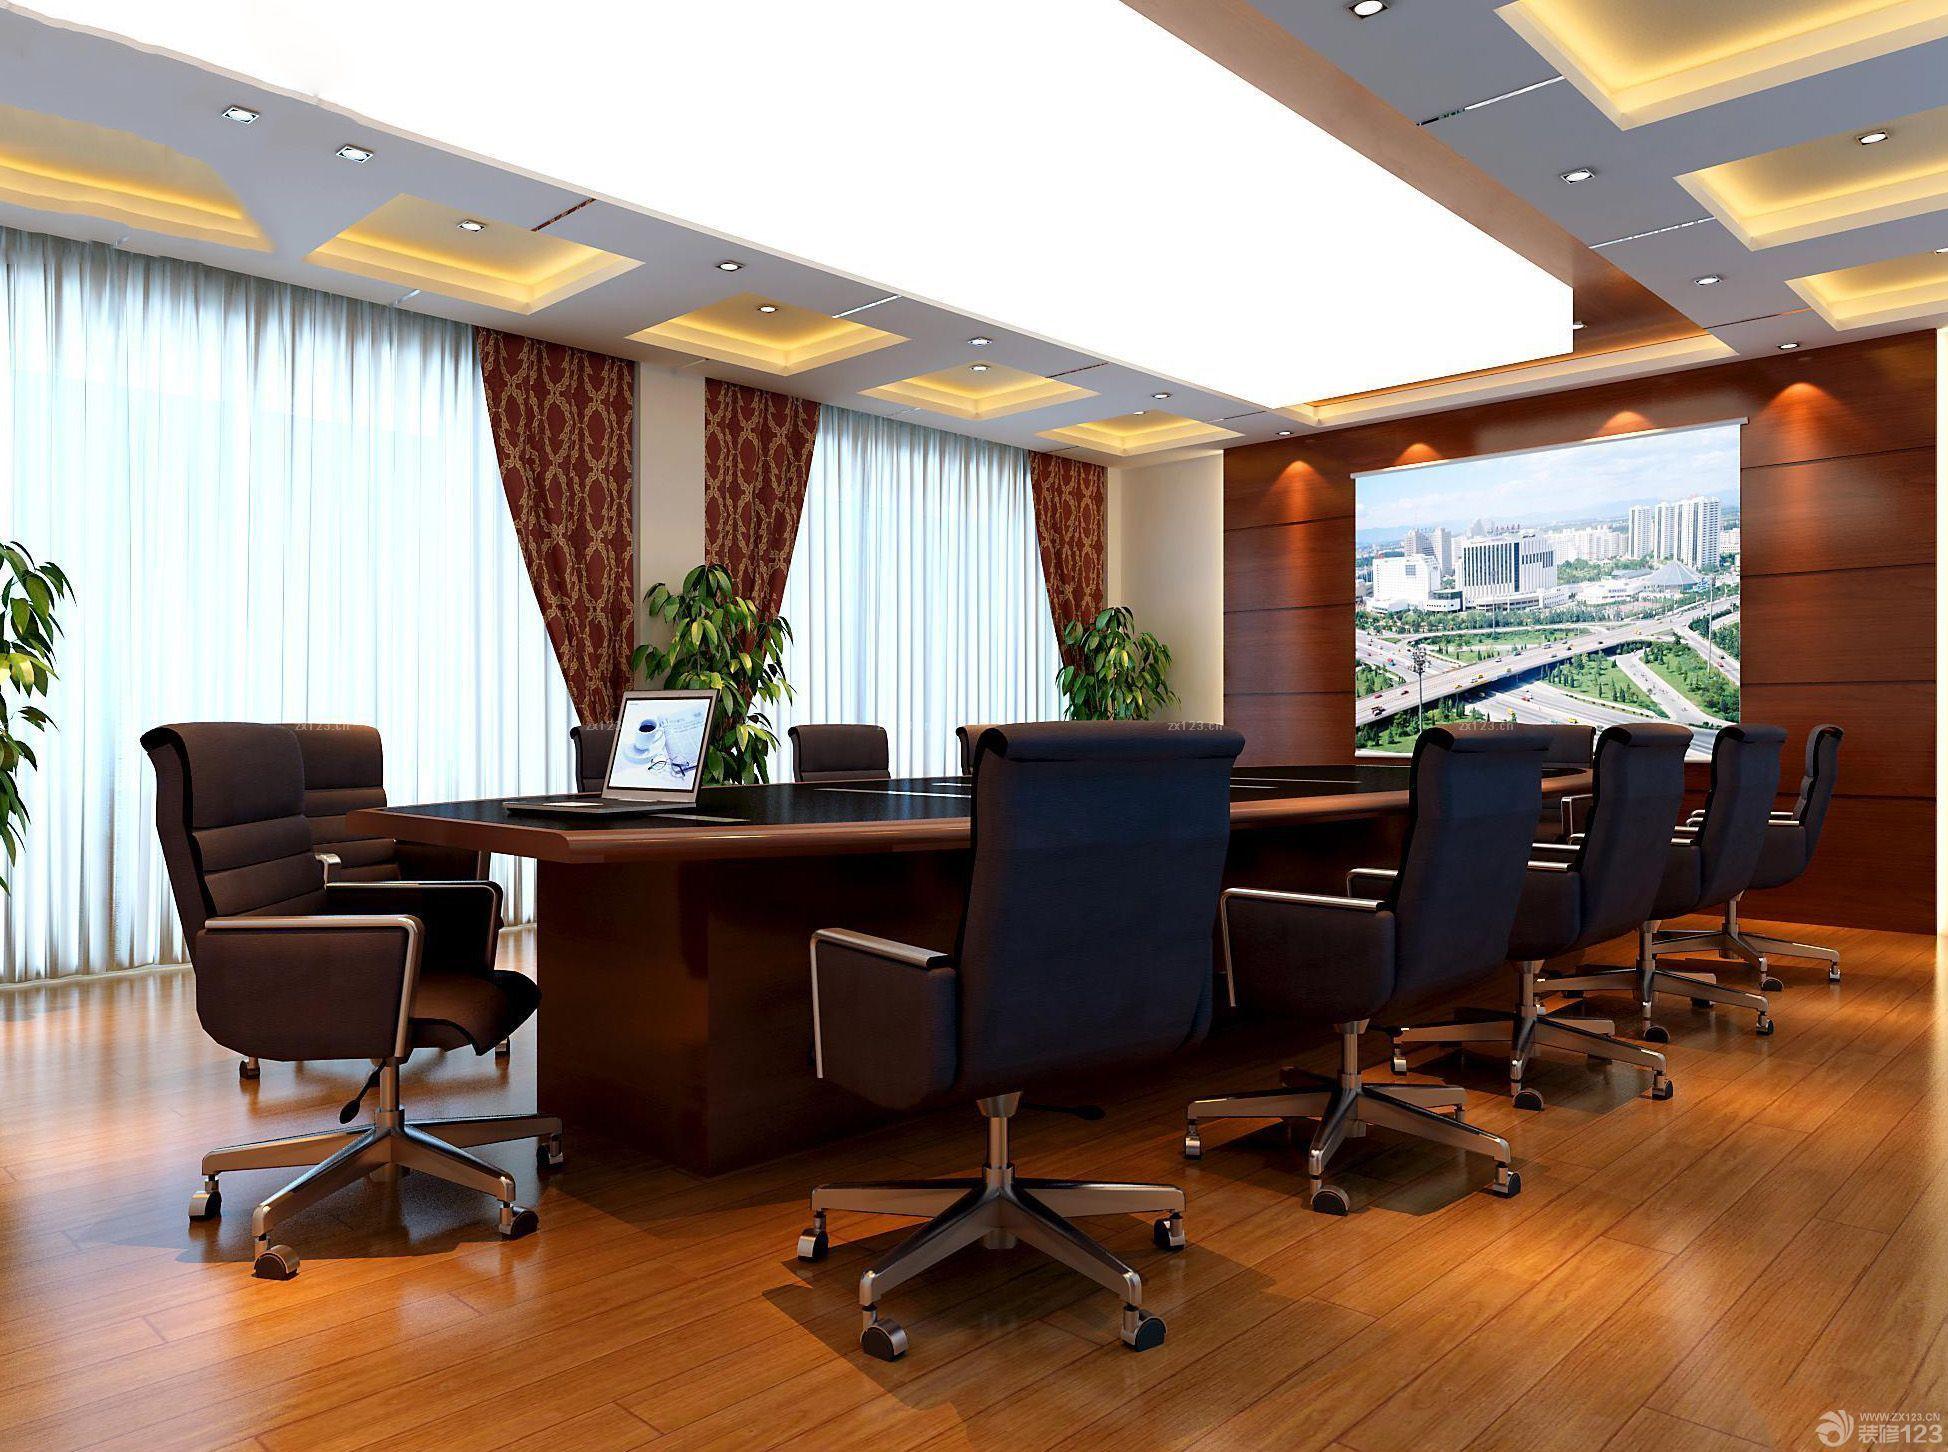 80平米办公室会议室装修效果图